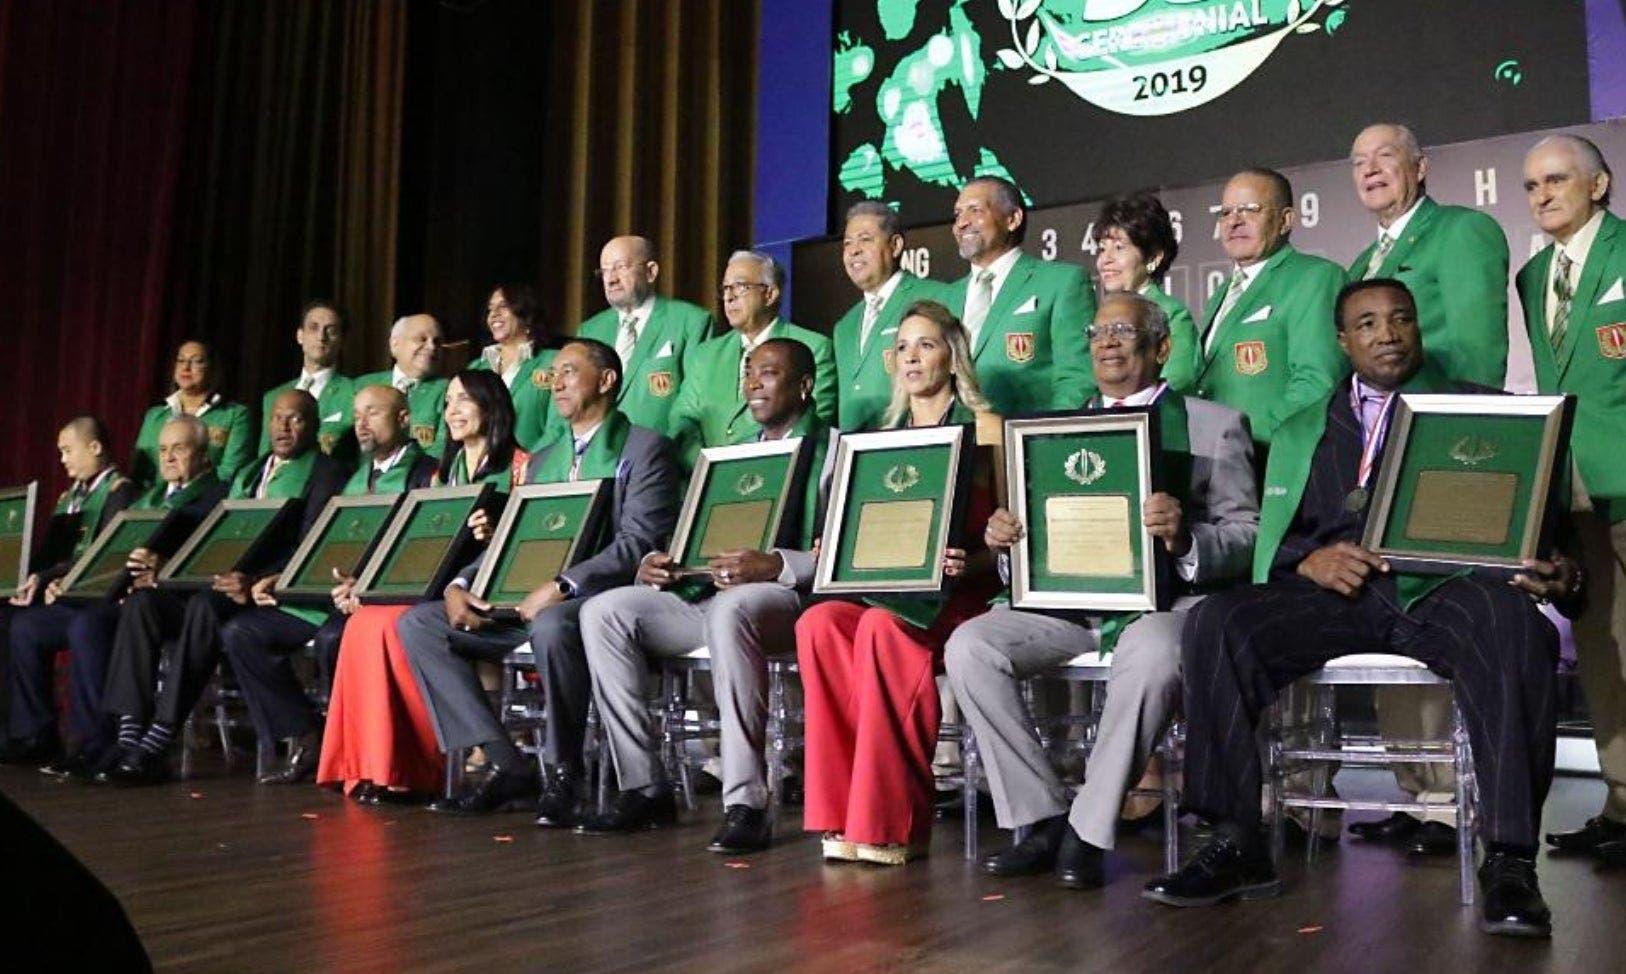 Los nuevos miembros del Salón de la Fama del Deporte Dominicano exhiben los pergaminos que los acredita como tales.